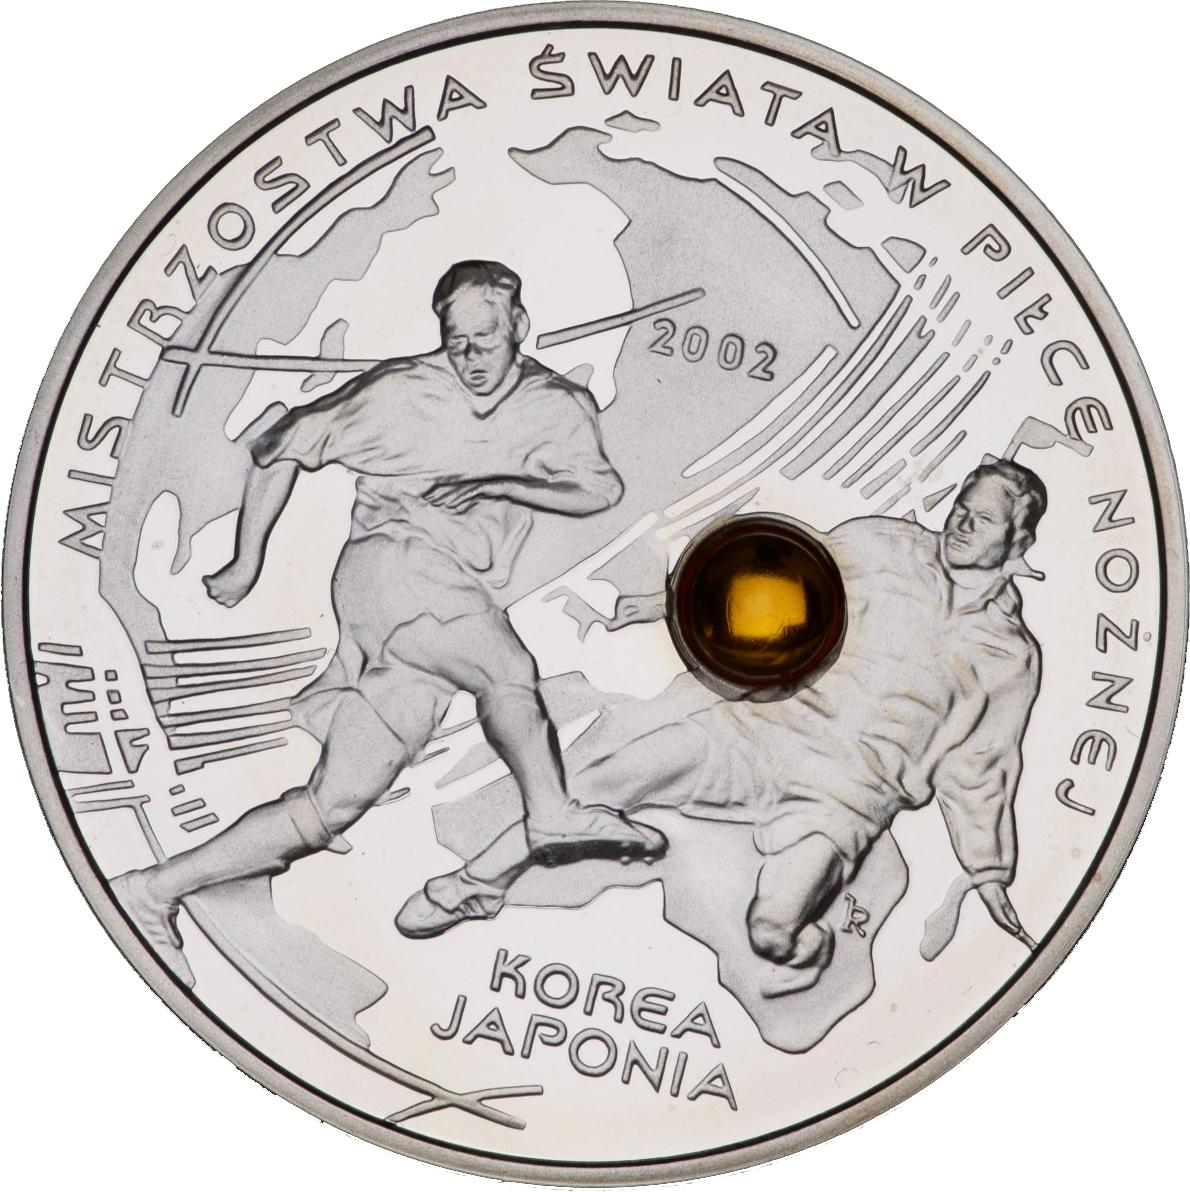 2002 MW silver 10 zlotych Korea Japonia MS w Pilce Noznej Poland